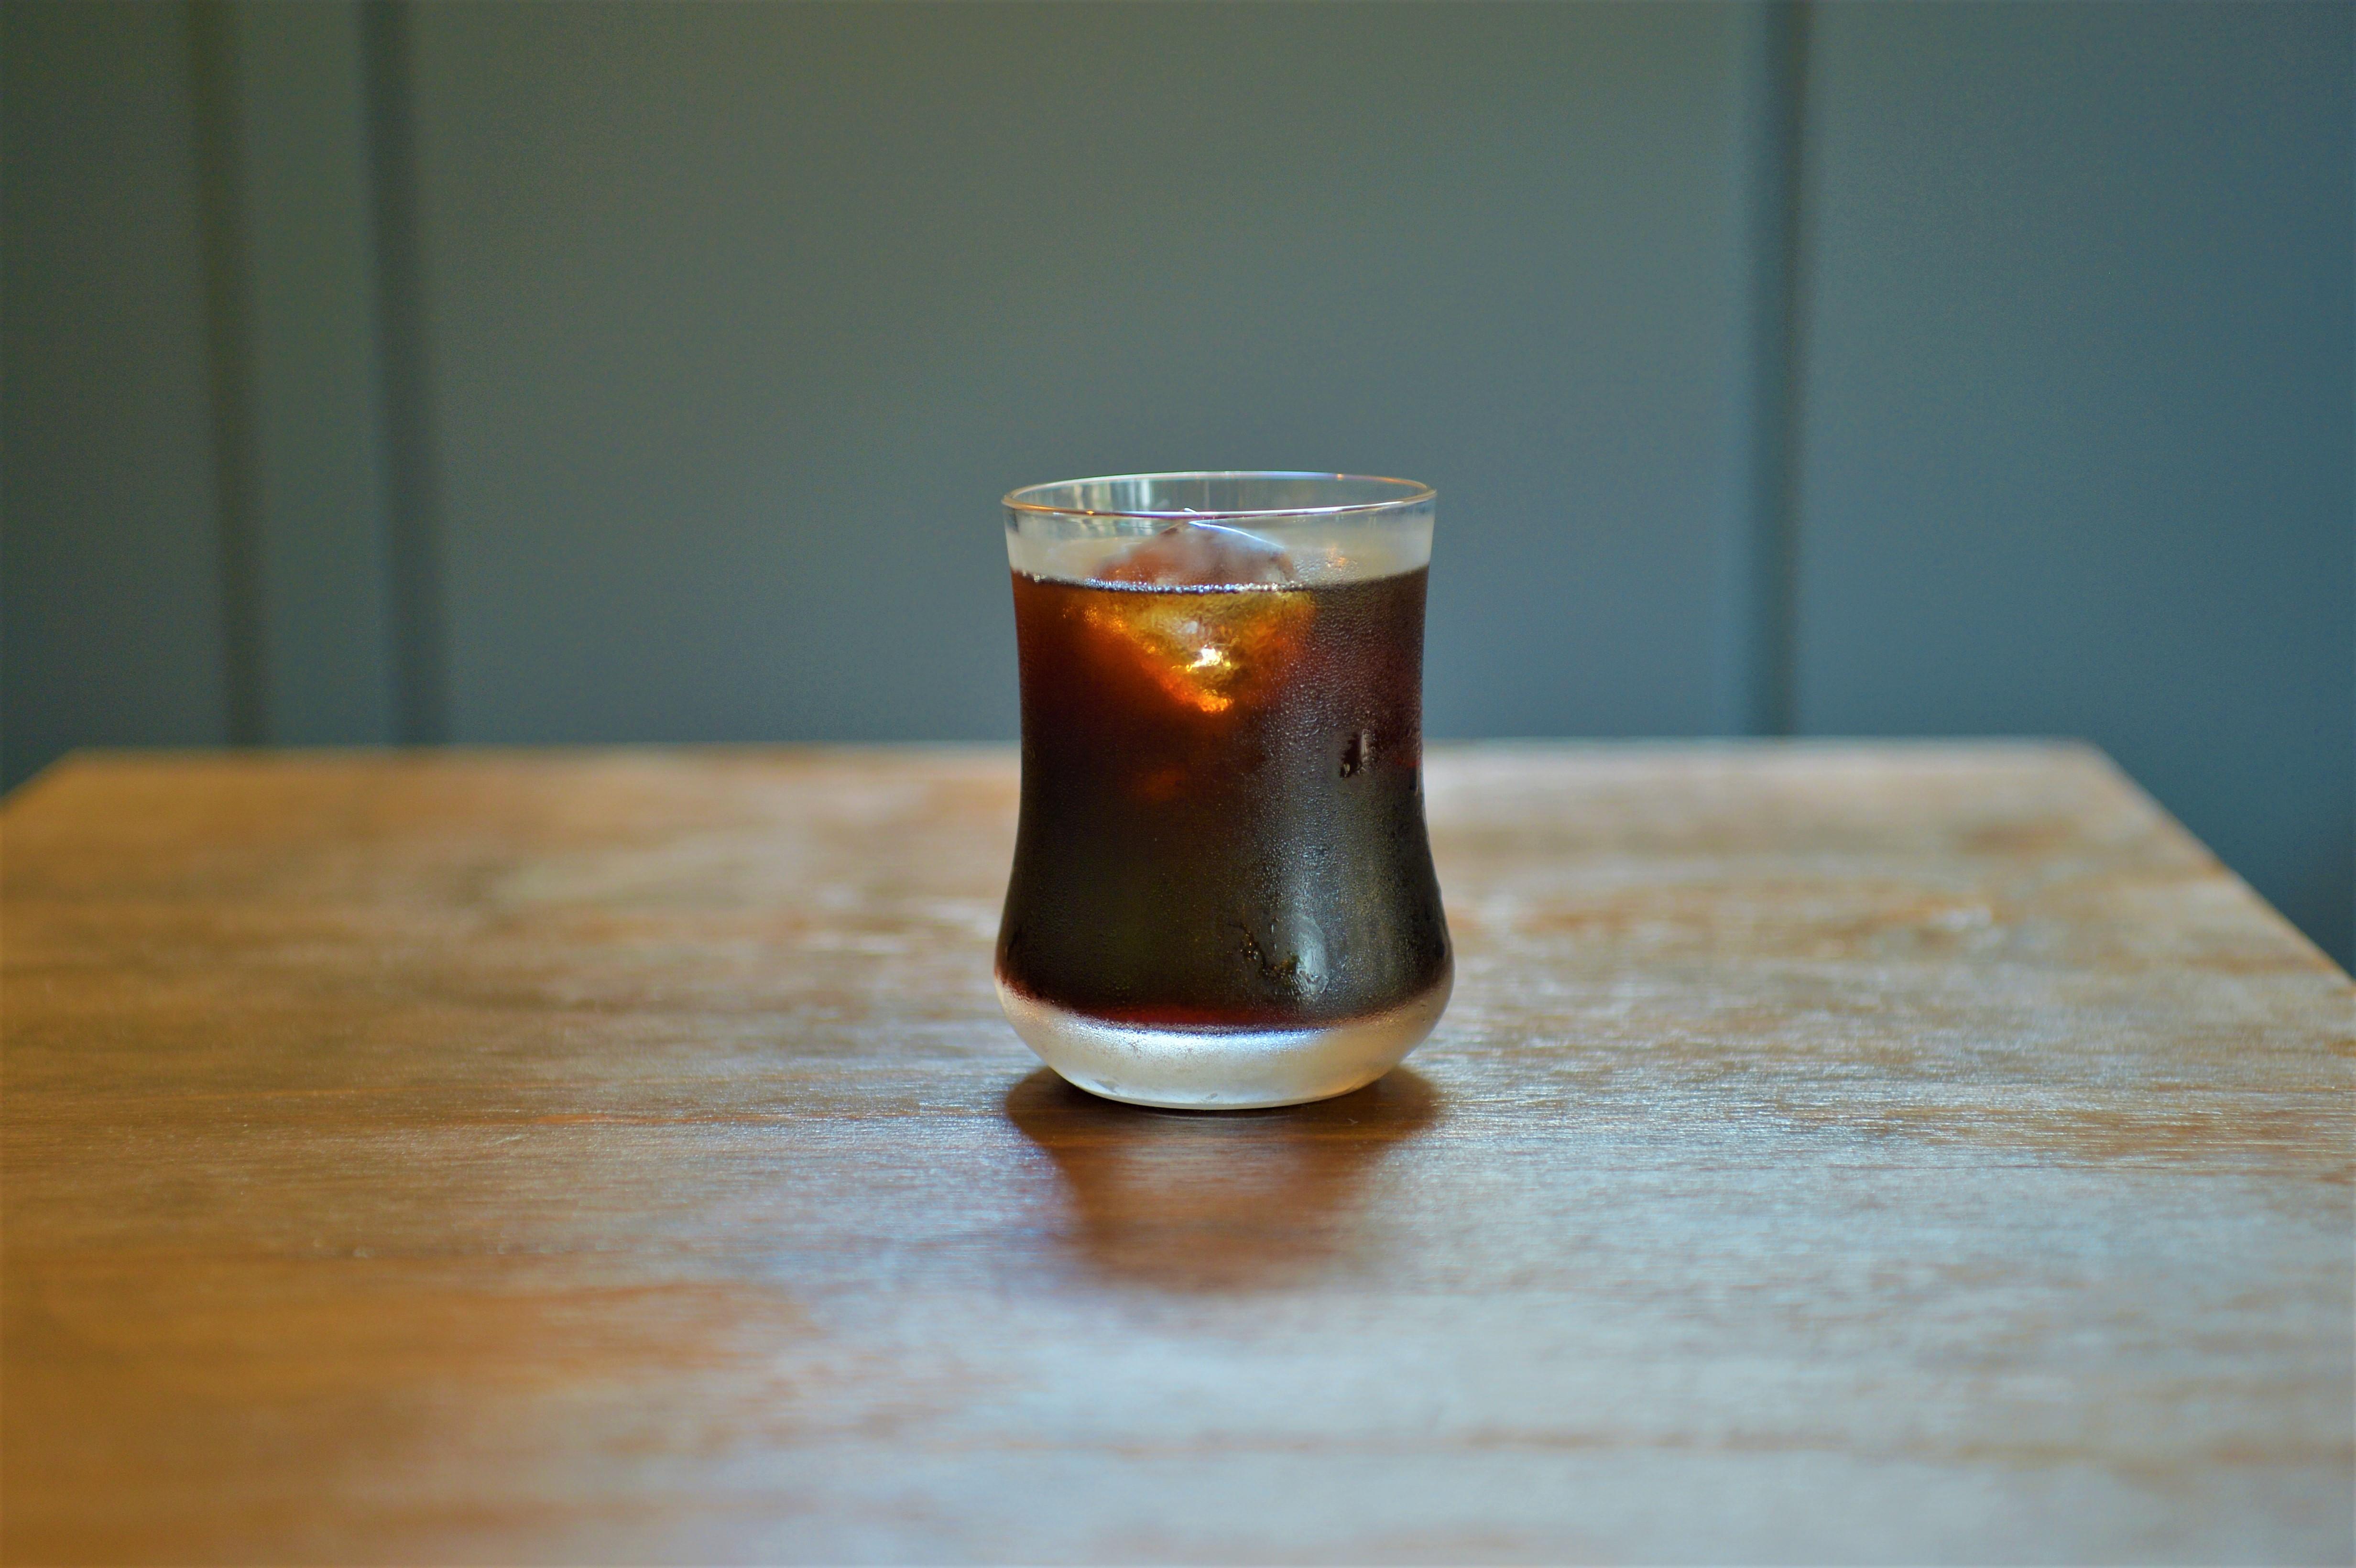 アイス アメリカン コーヒー